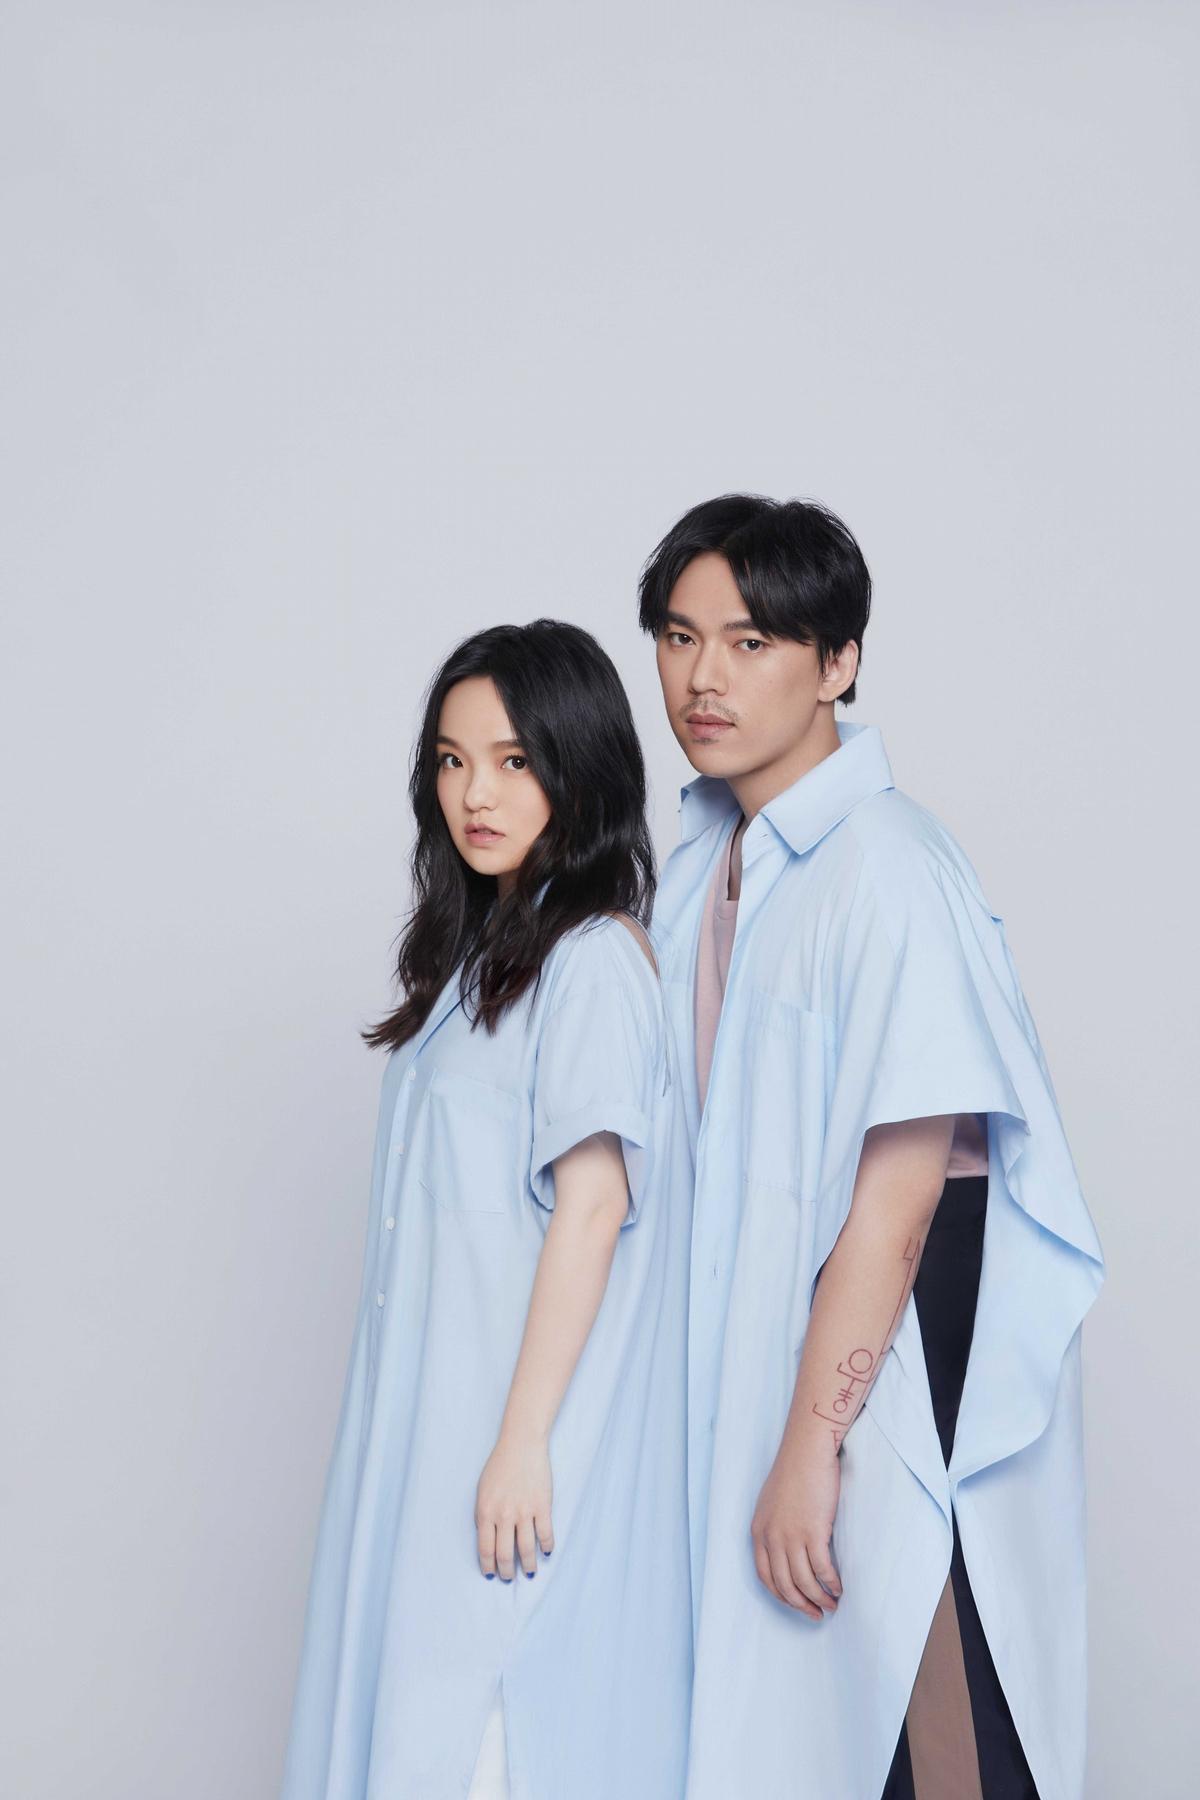 徐佳瑩卸貨倒數「美到不科學」 新歌合作HUSH神默契